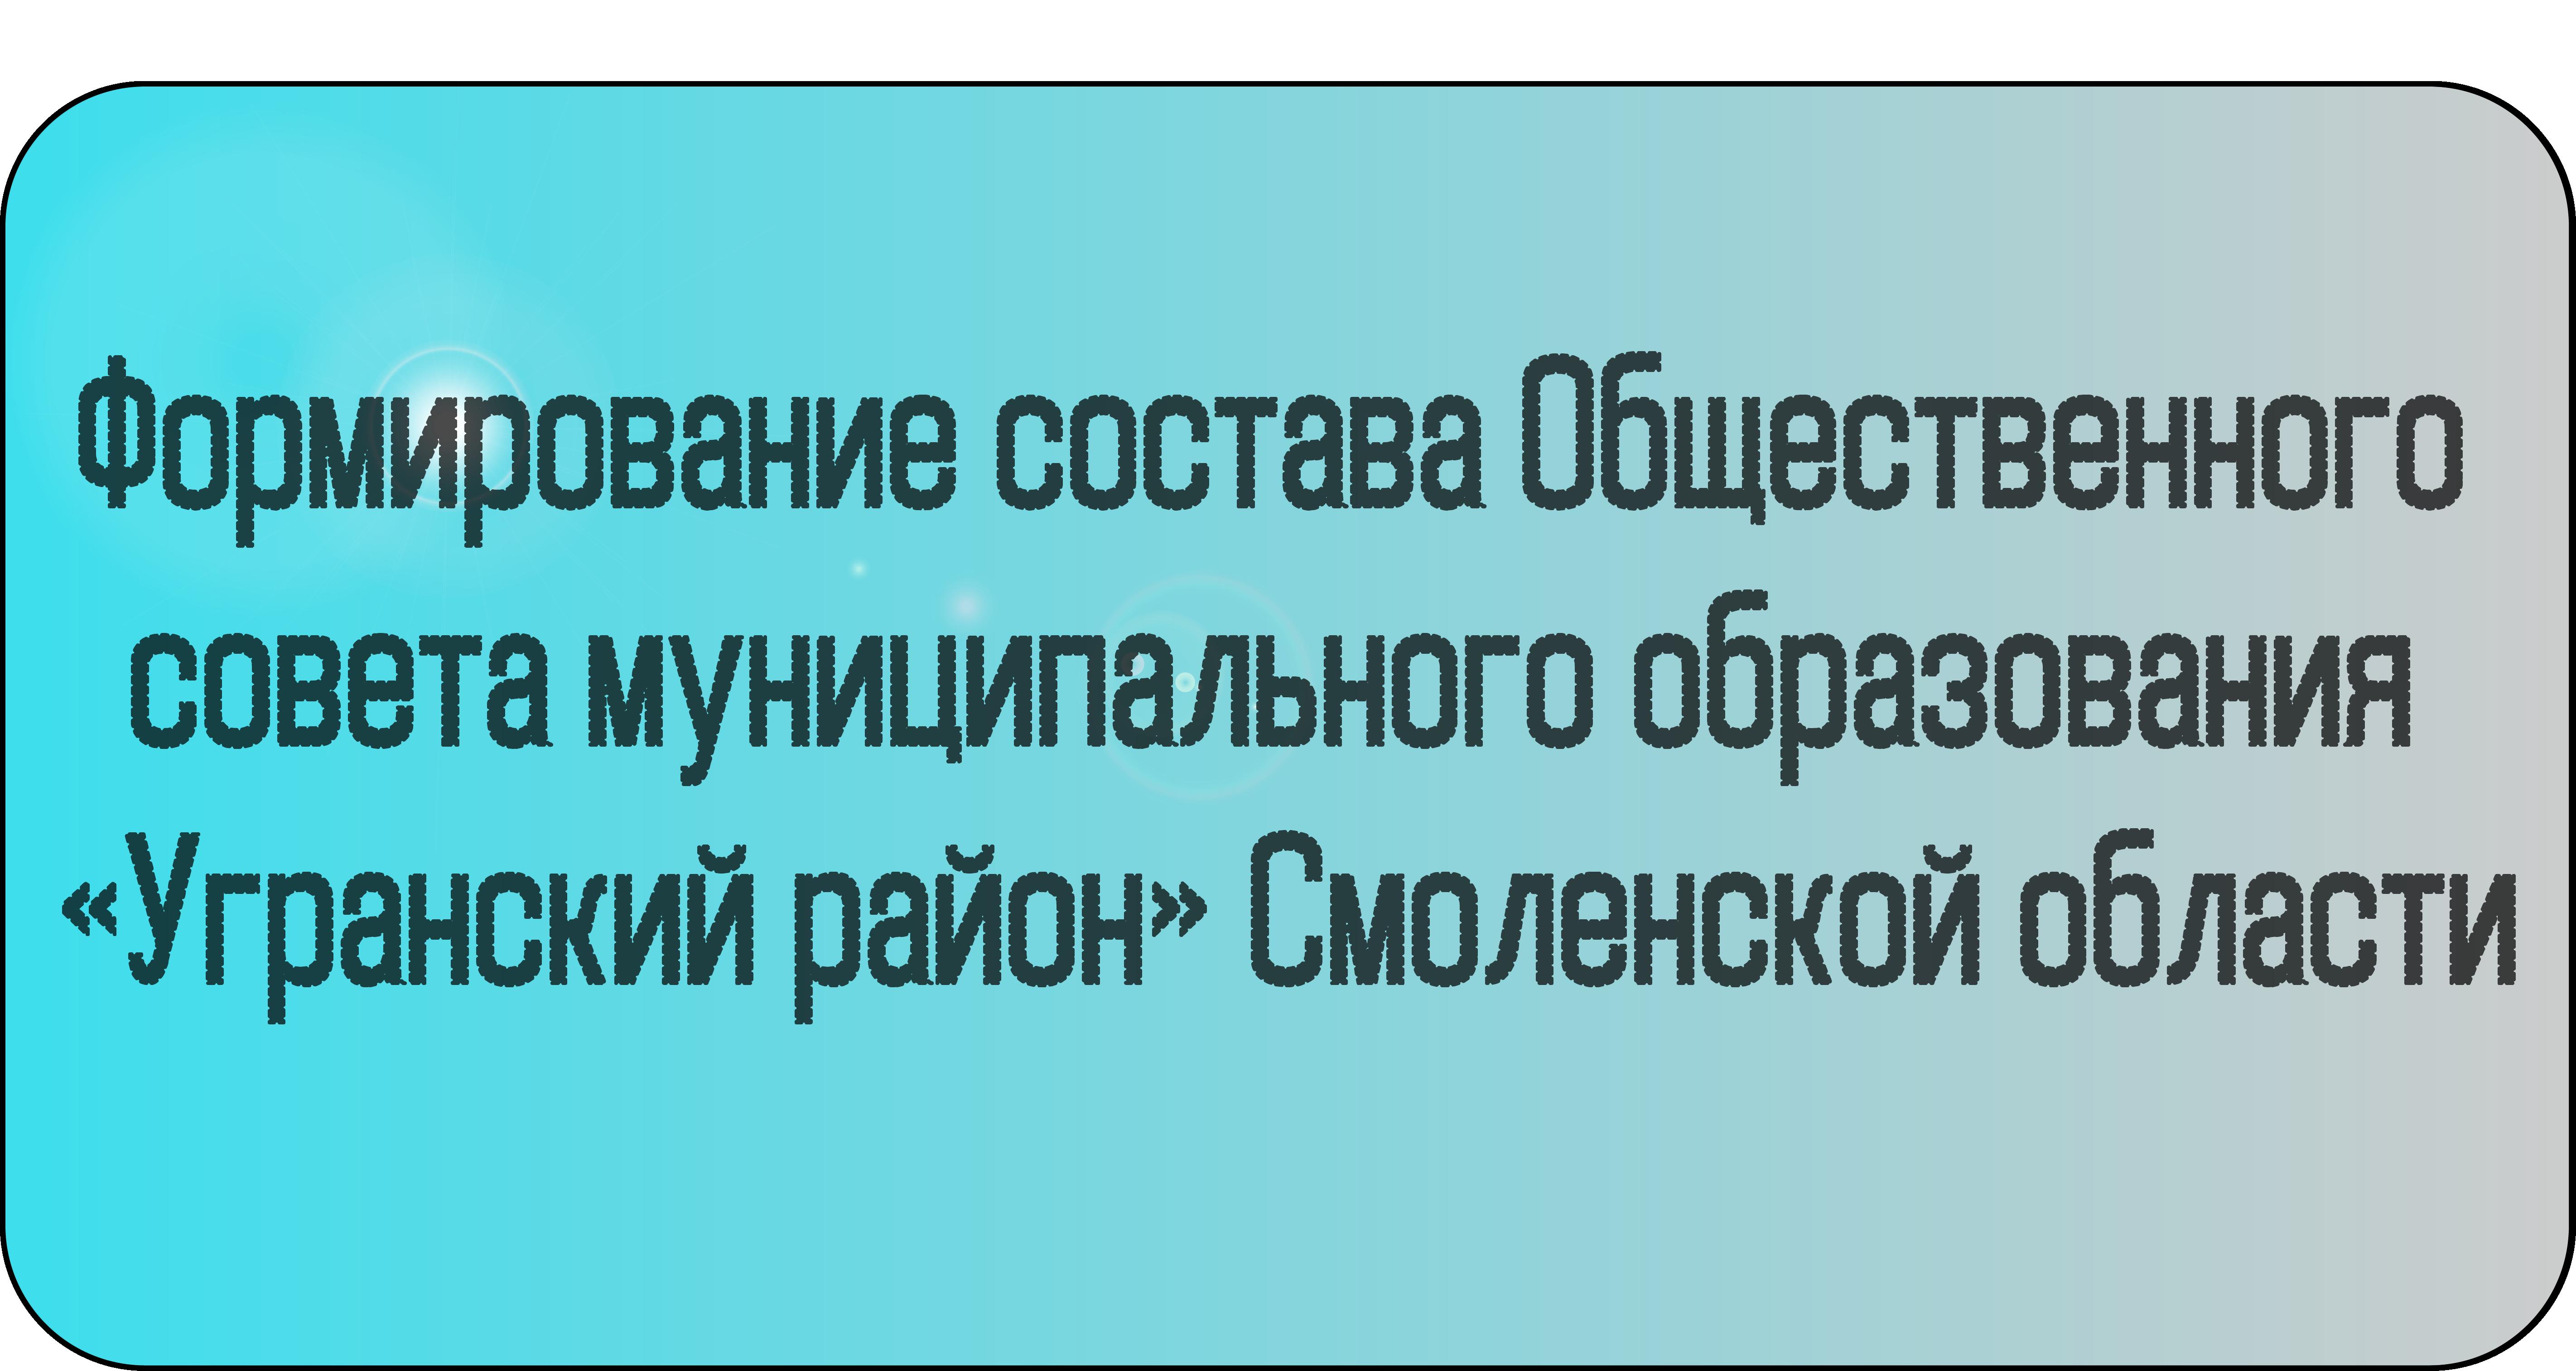 Общественного совета муниципального образования «Угранский район» Смоленской области